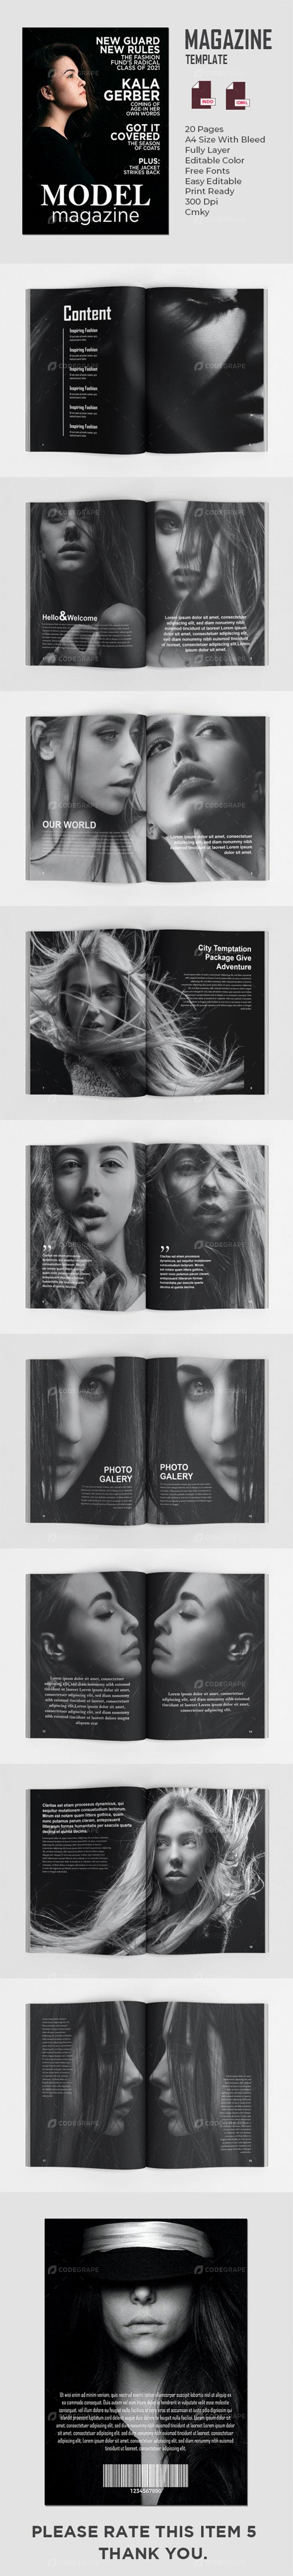 Female Model Magazines